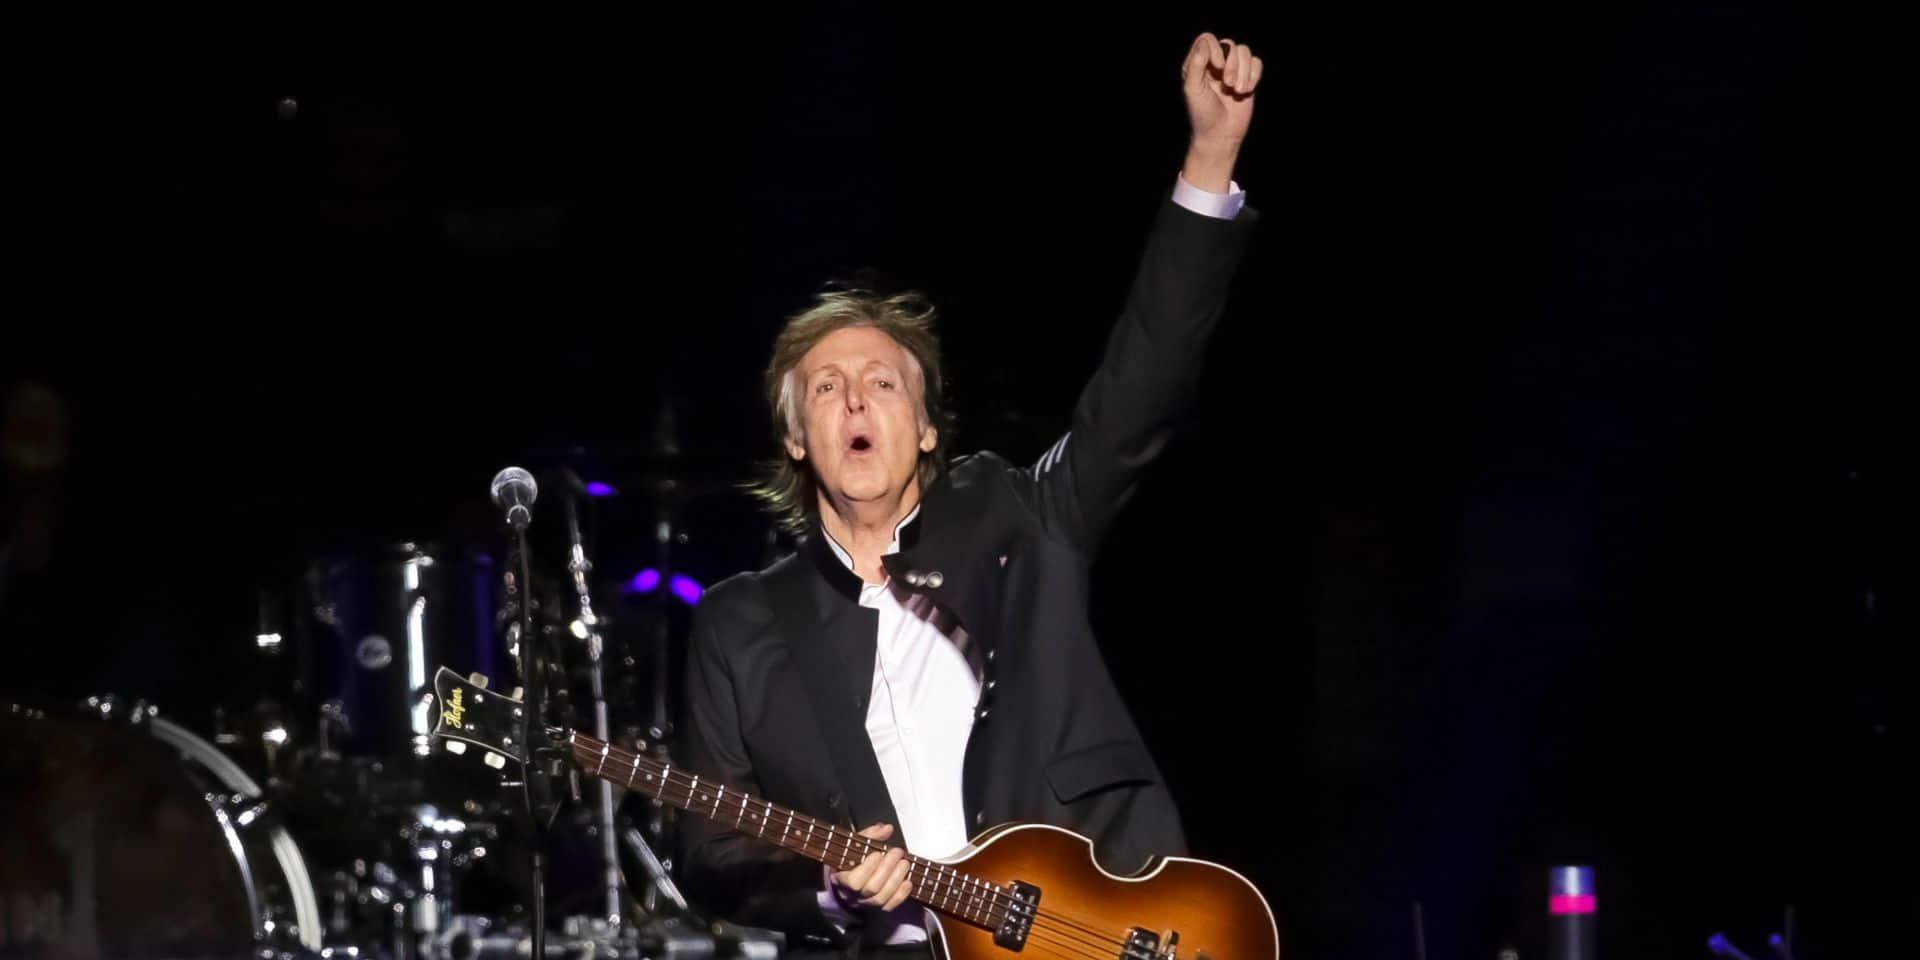 Pour Paul Mccartney, la fin des Beatles, c'est la faute de John Lennon